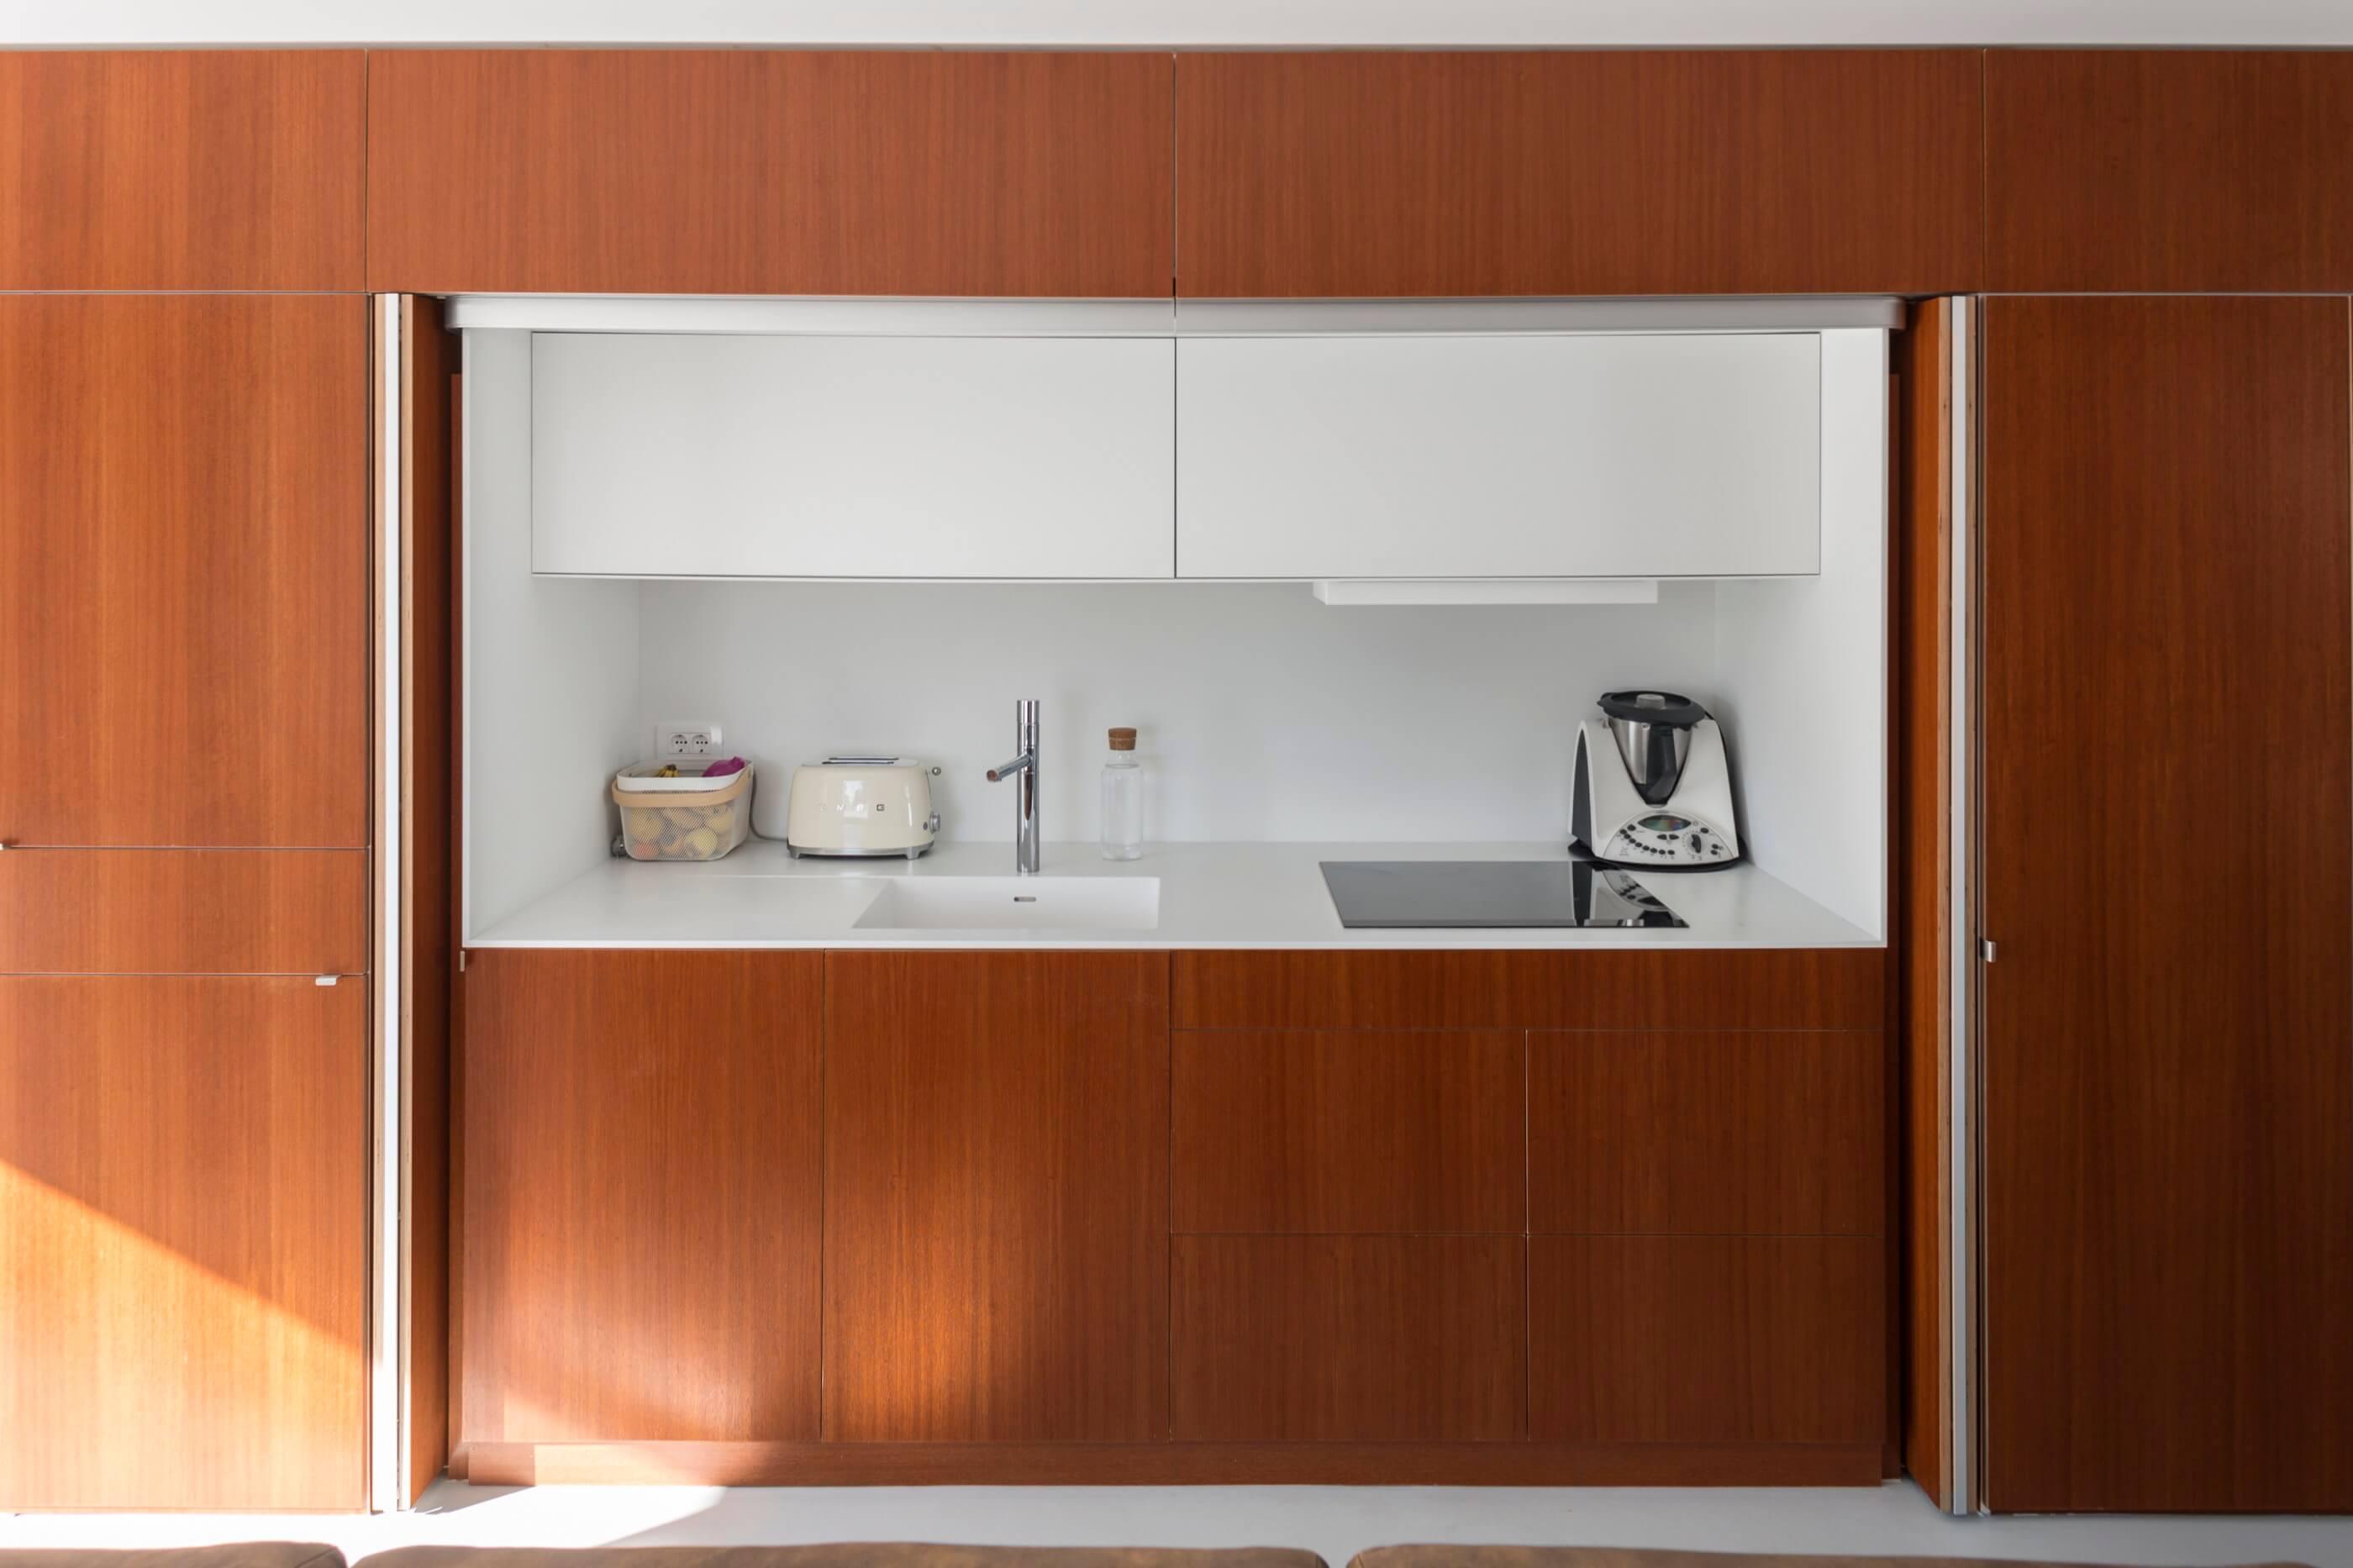 Arquitecto Lousinha Casa Fontes 5 do fotografo Ivo Tavares Studio